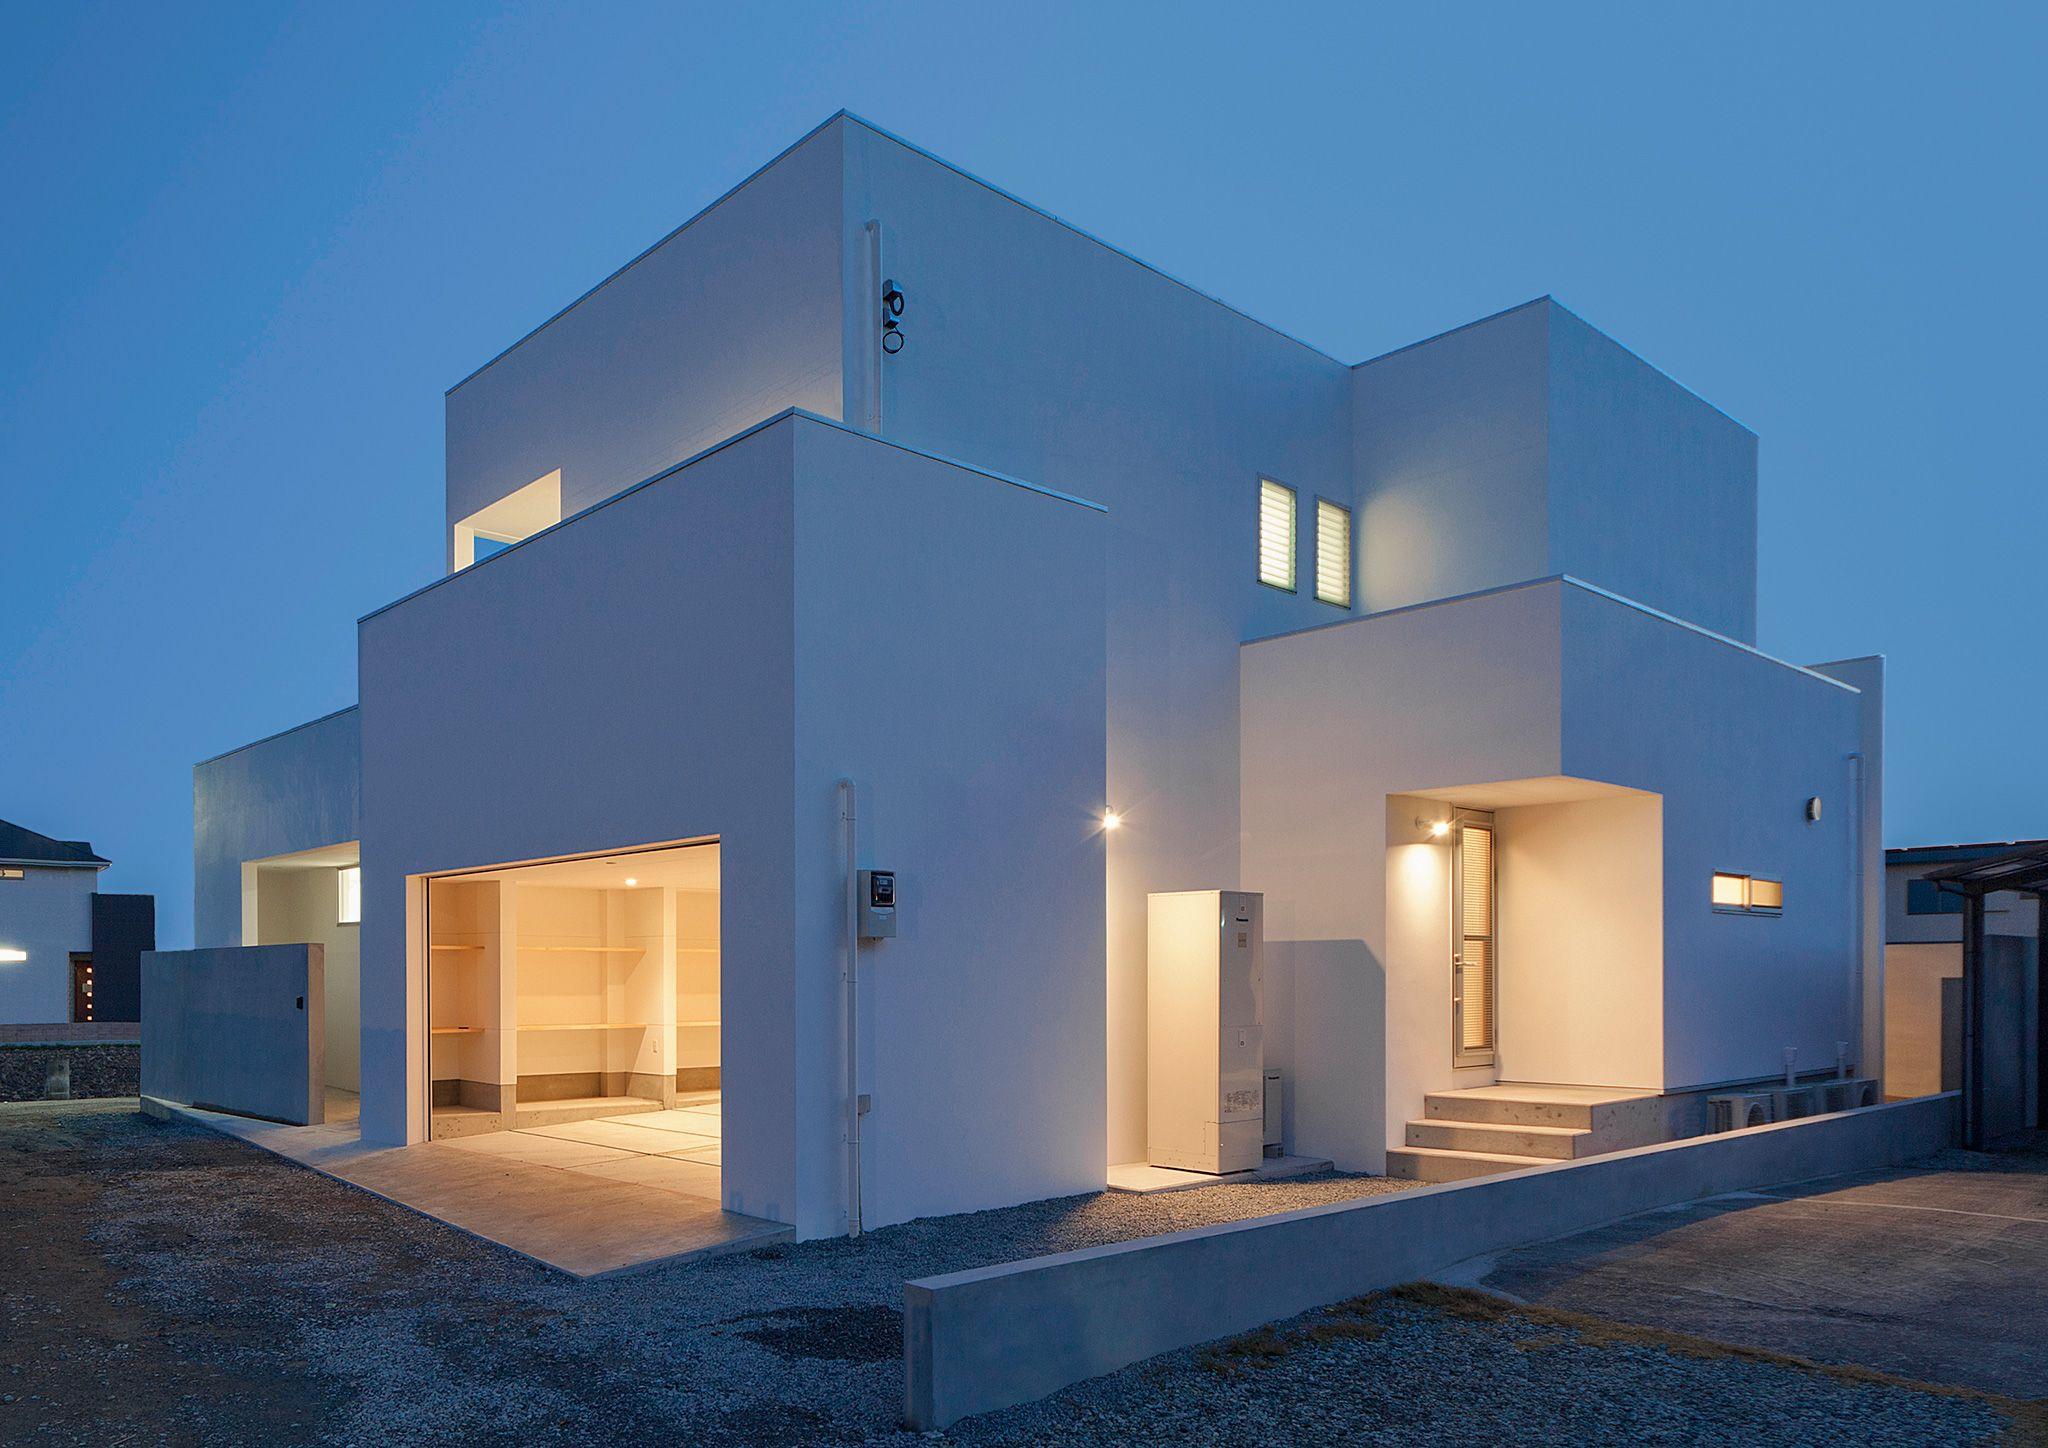 緑に映える白い家 永森建築事務所 現代建築の住宅 白い家 モダン